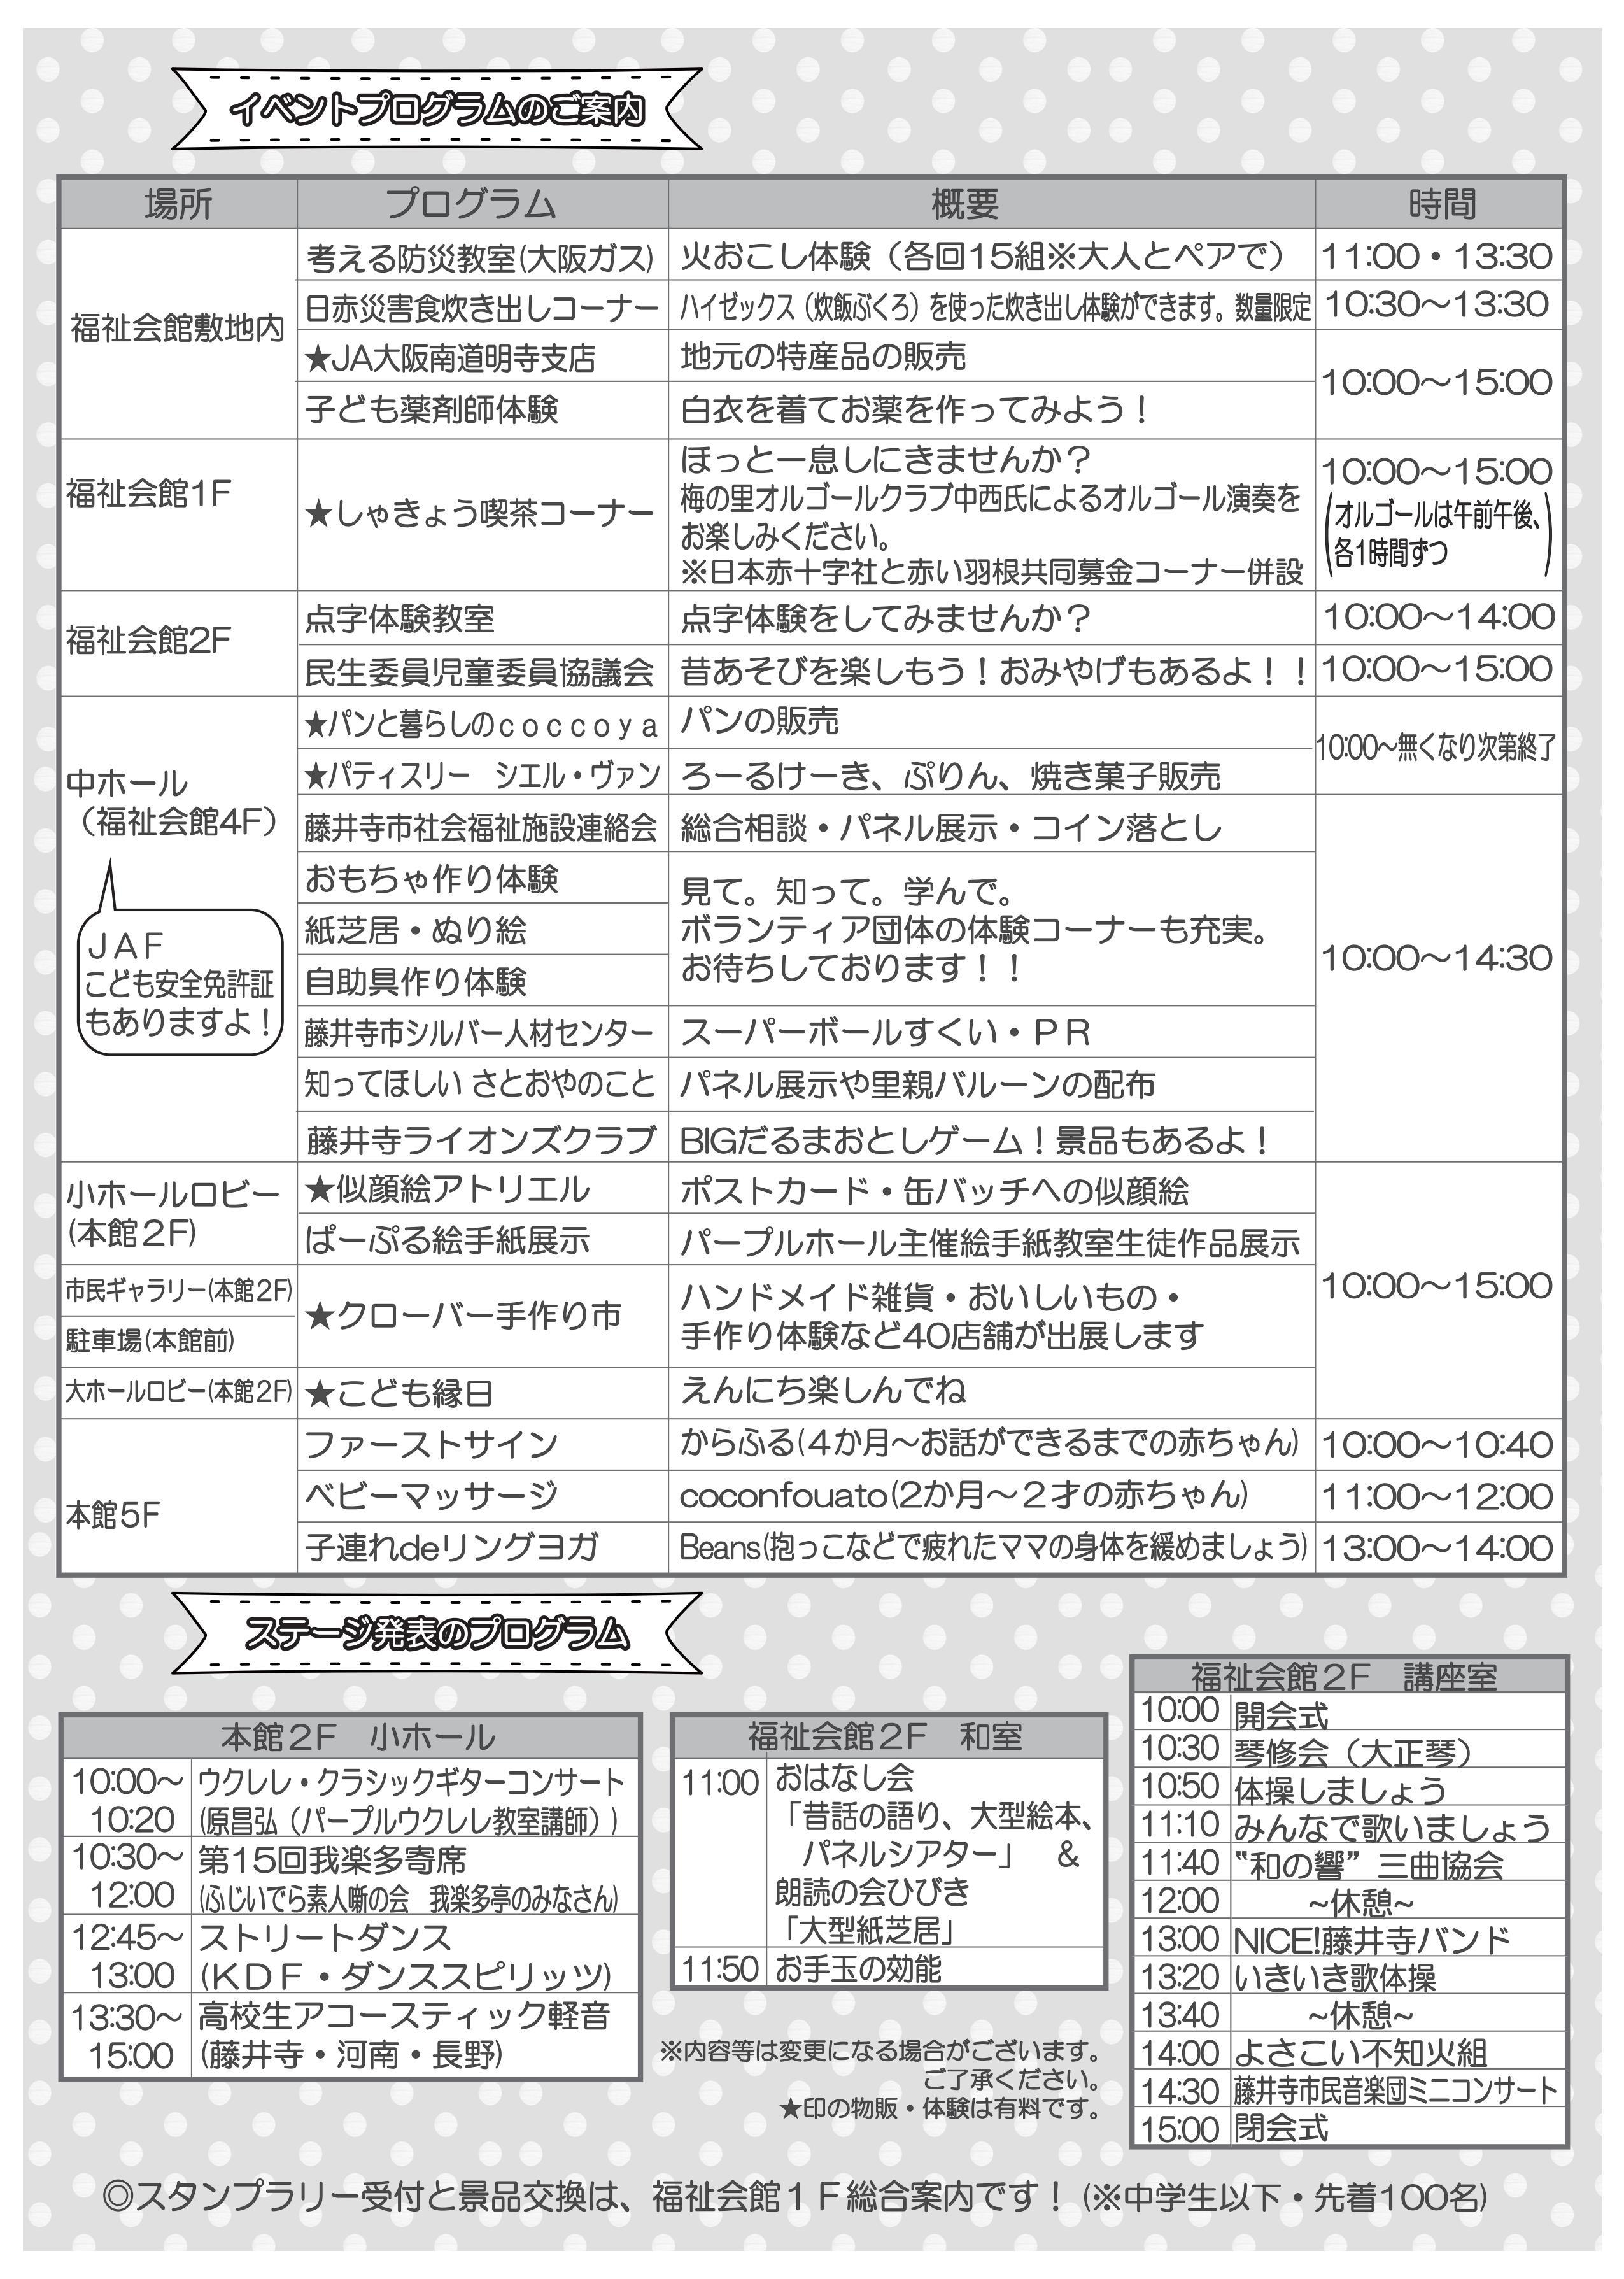 パープル社協フェスタ2018 裏